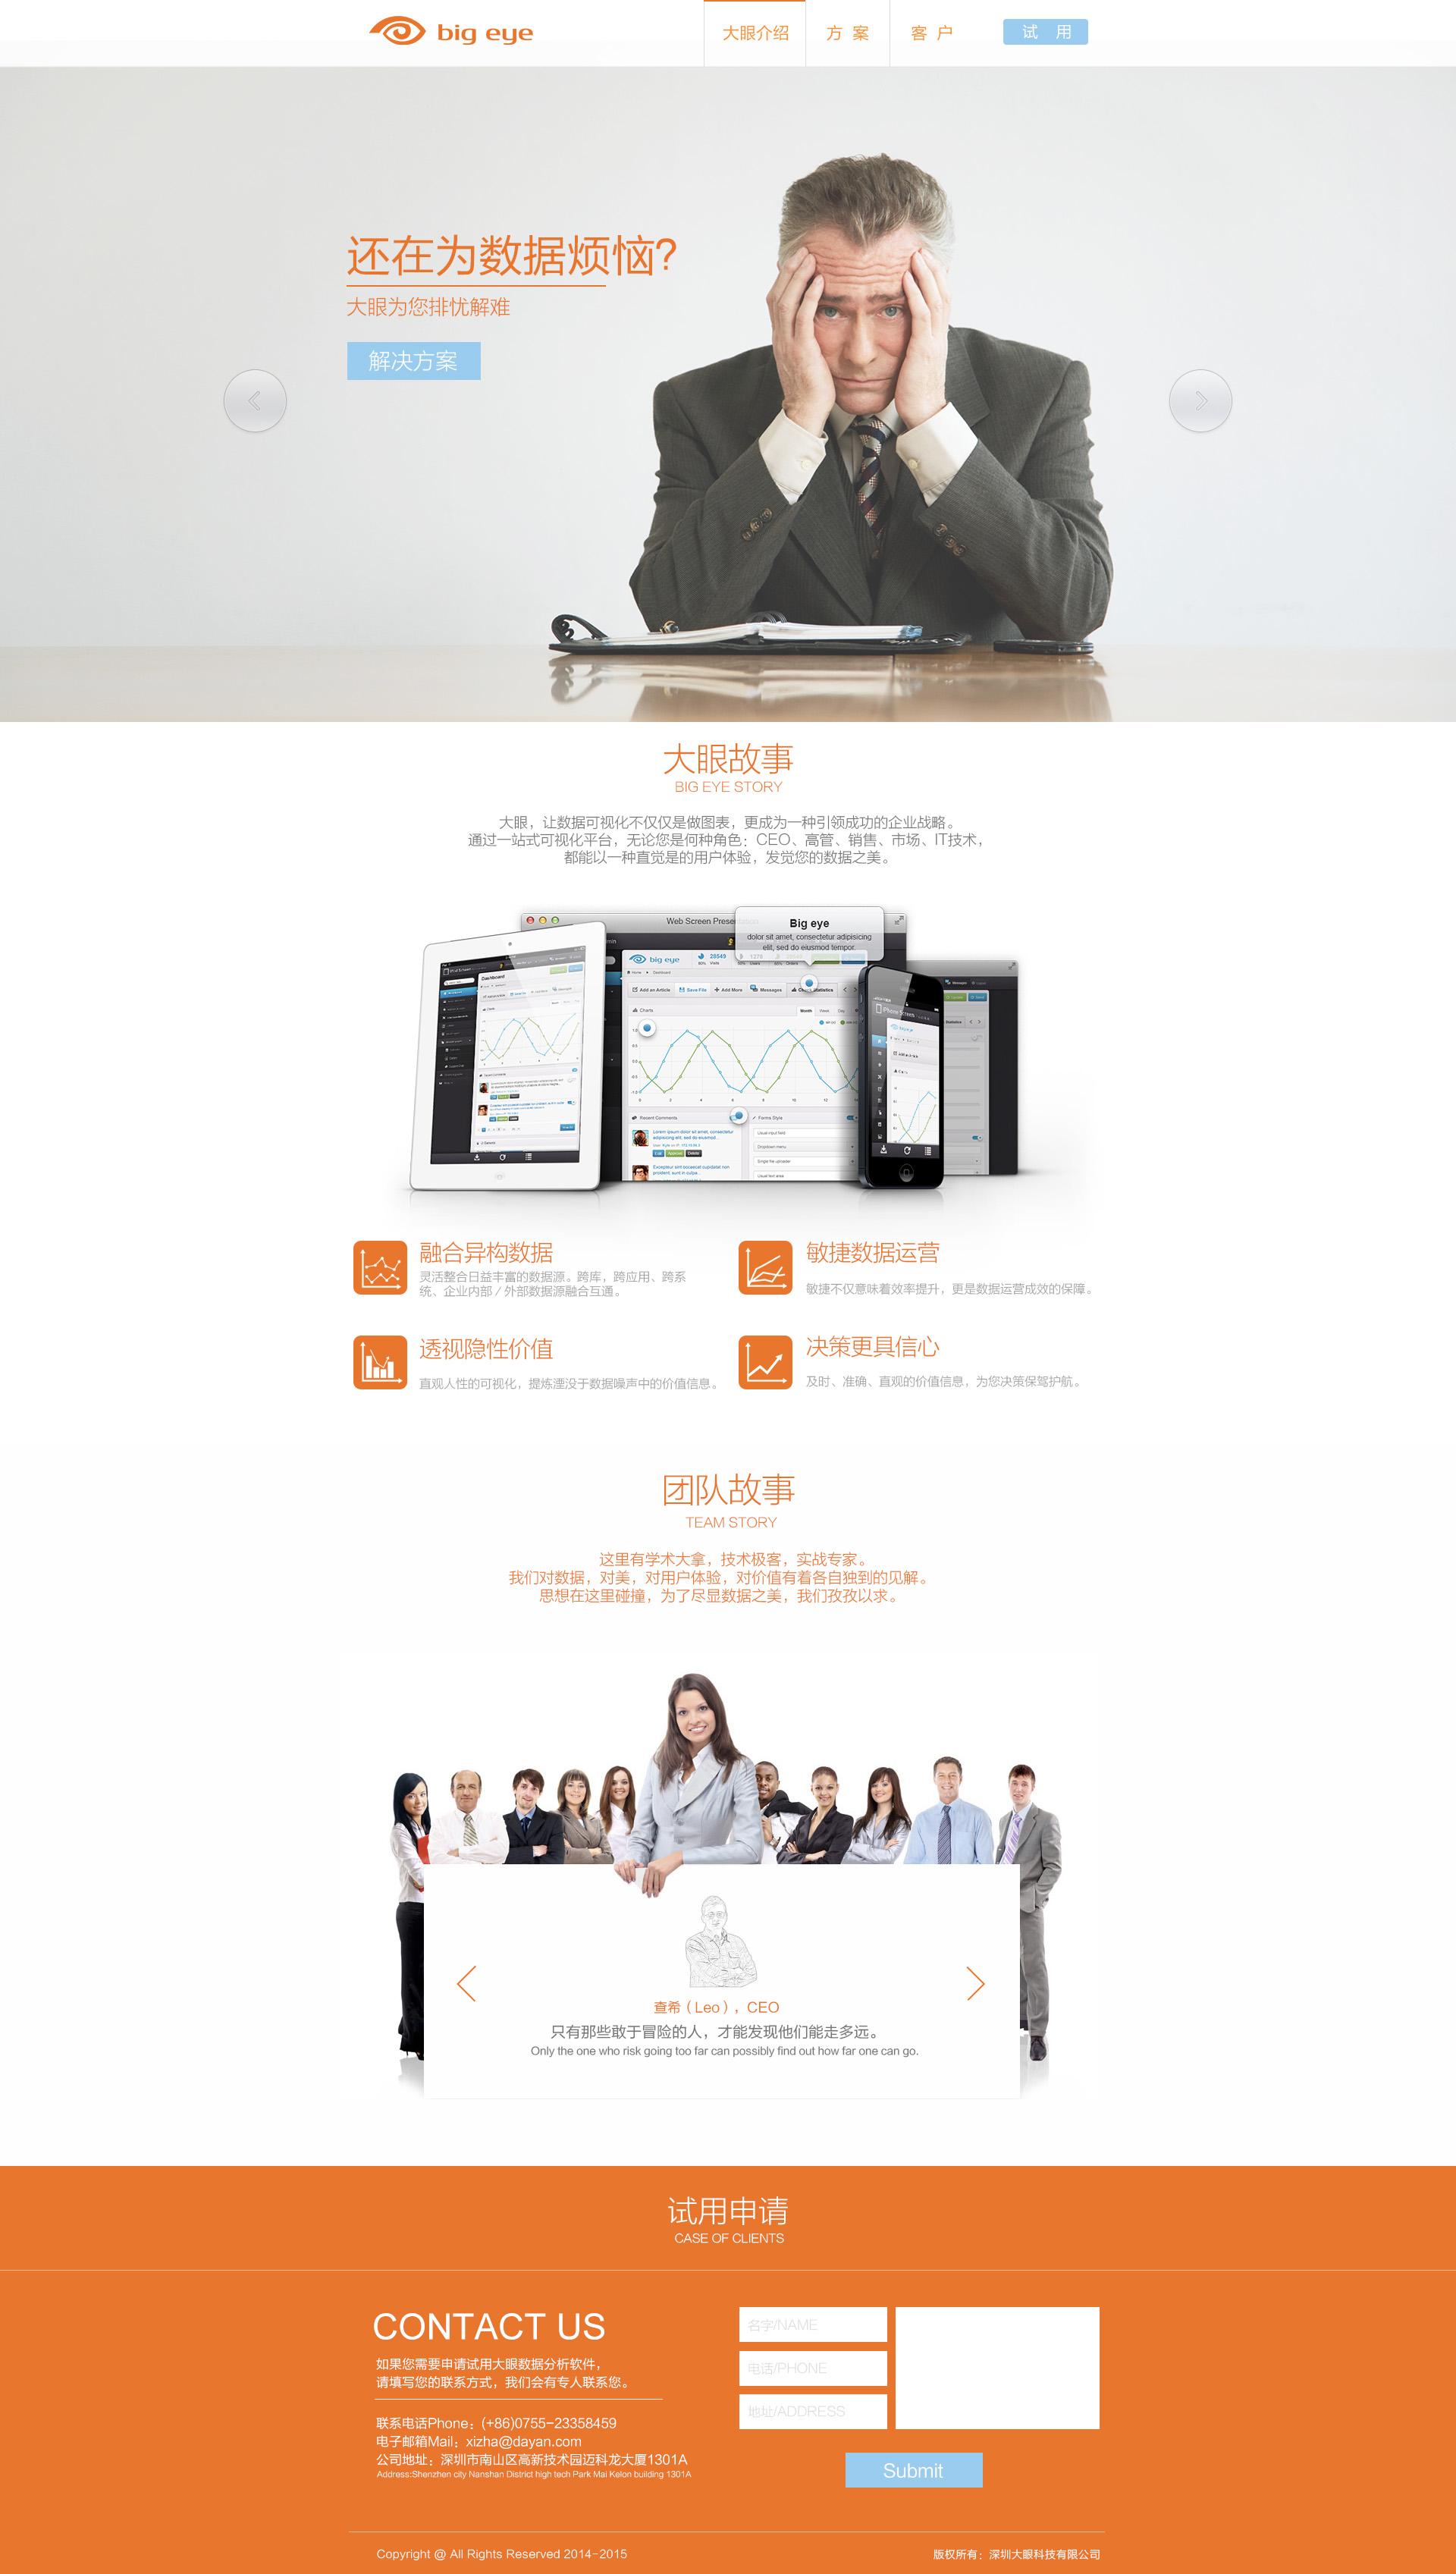 大眼科技企业网站